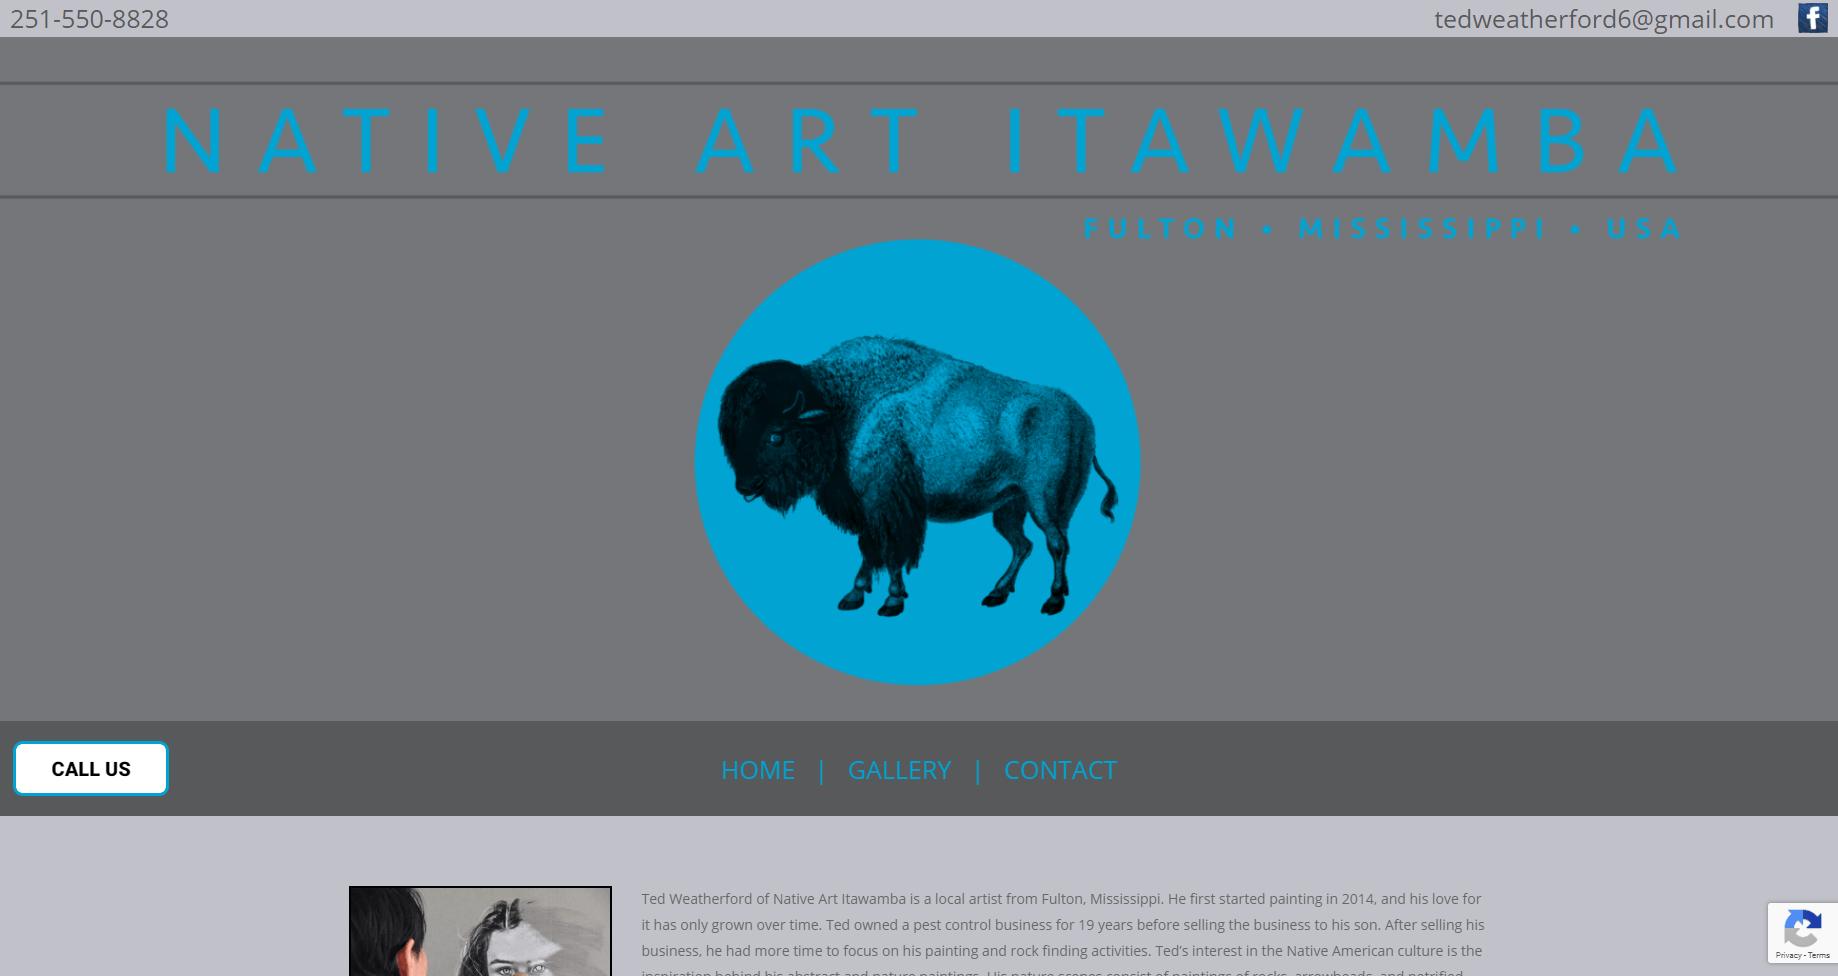 fine art website design - Native Art Itawamba